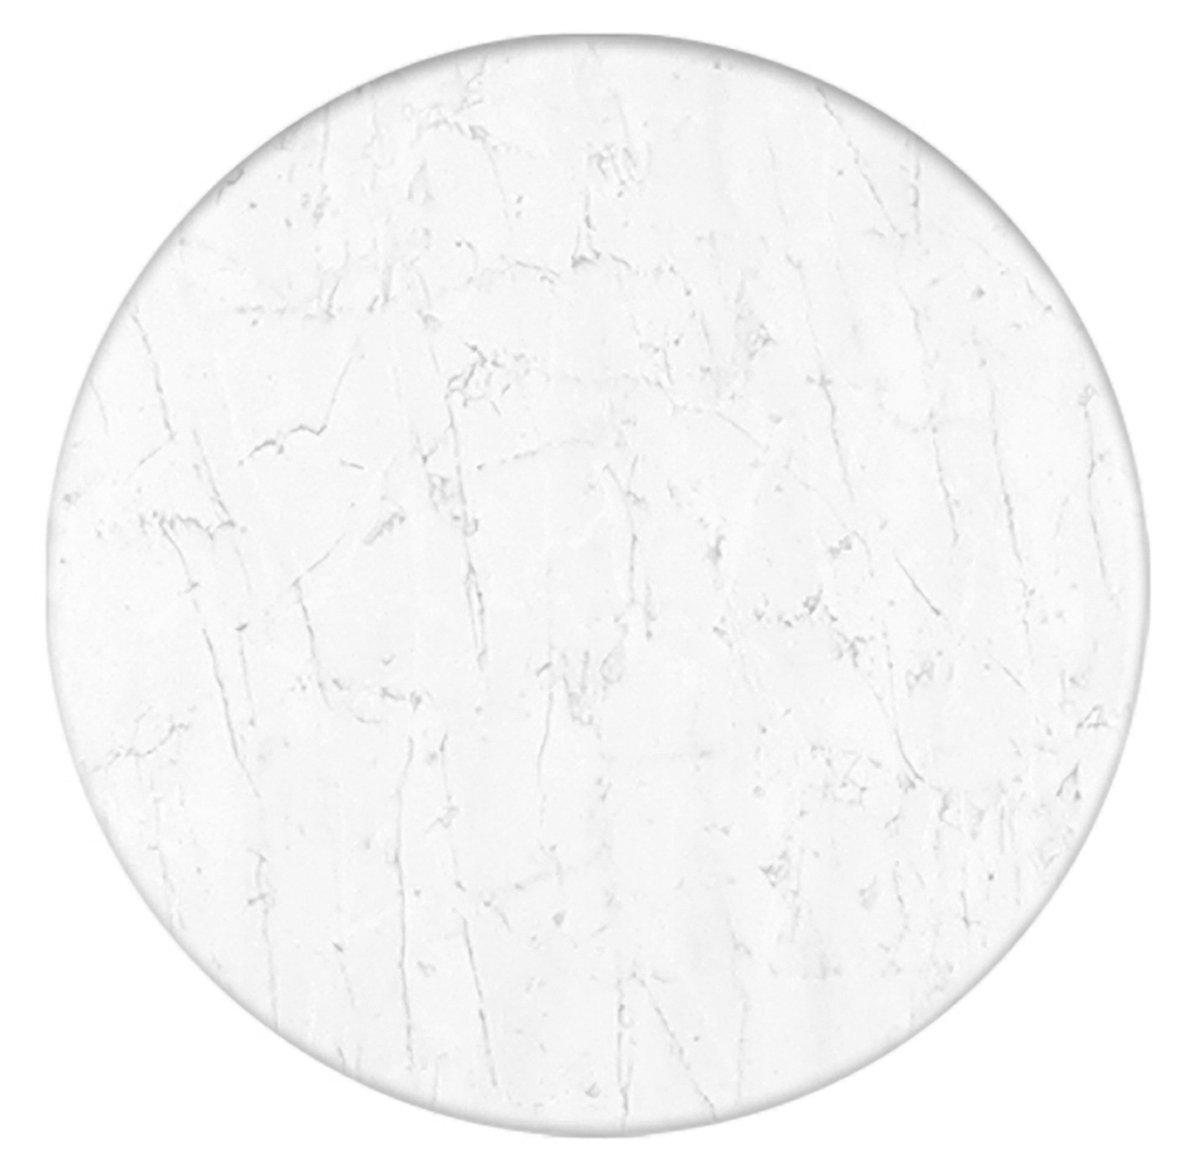 Werzalit Tischplatte Dekor marmor bianco rund 80 cm